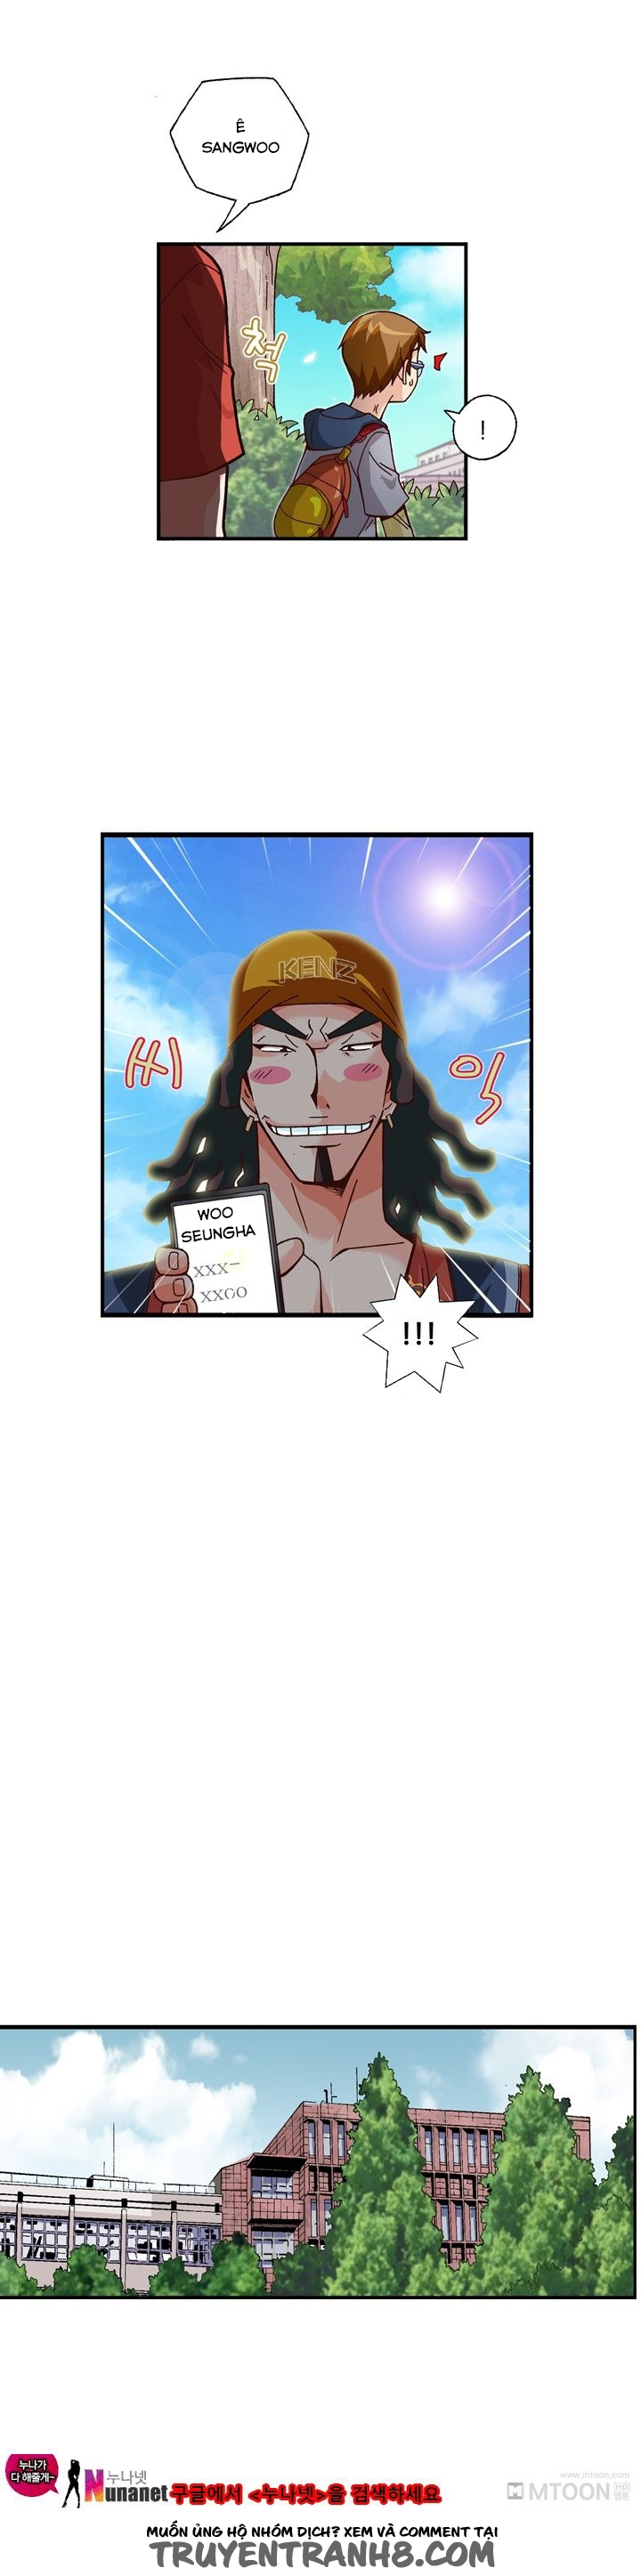 Hình ảnh 11 trong bài viết [Siêu phẩm] Hentai Màu Xin lỗi tớ thật dâm đãng